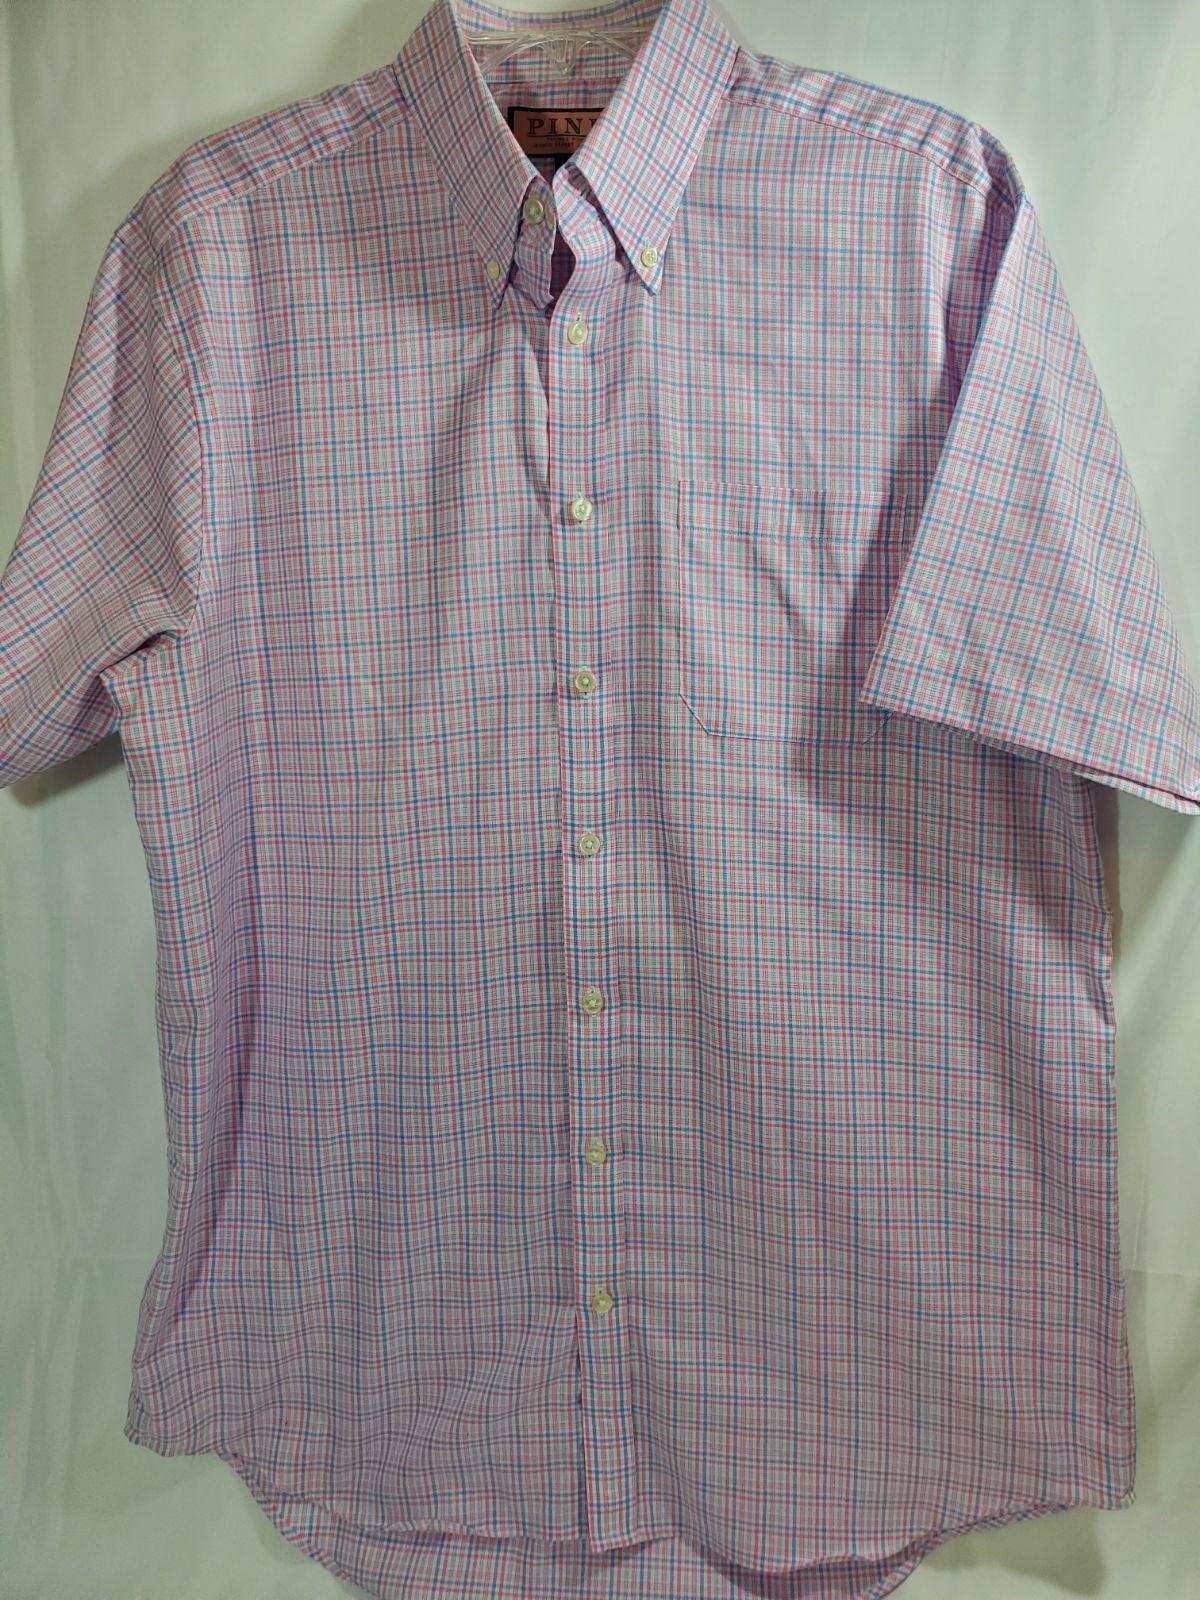 Thomas Pink London men's 16.5 shirt